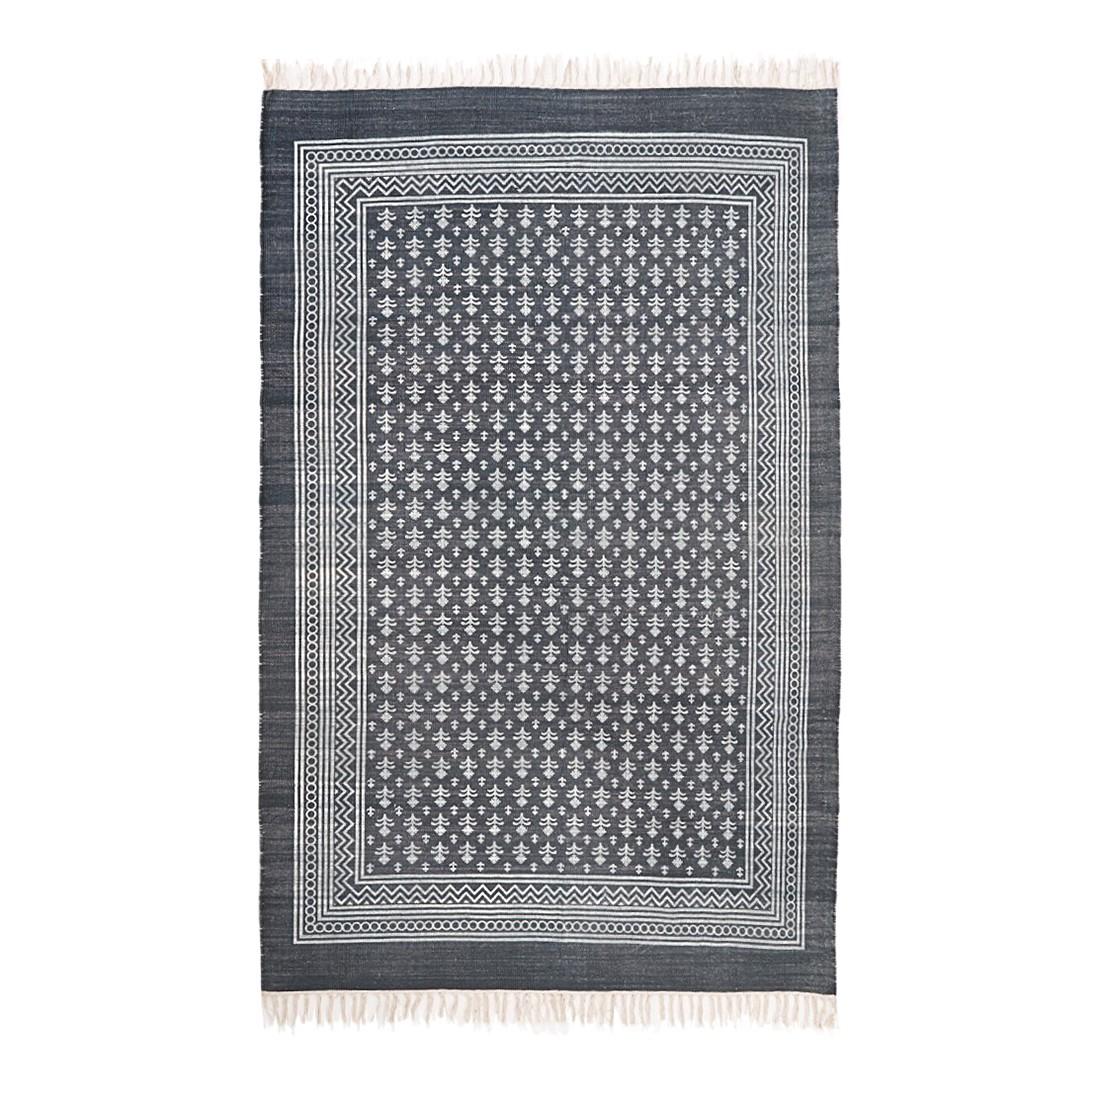 Teppich Guilford – 100% Baumwolle grau/beige, Loberon jetzt bestellen